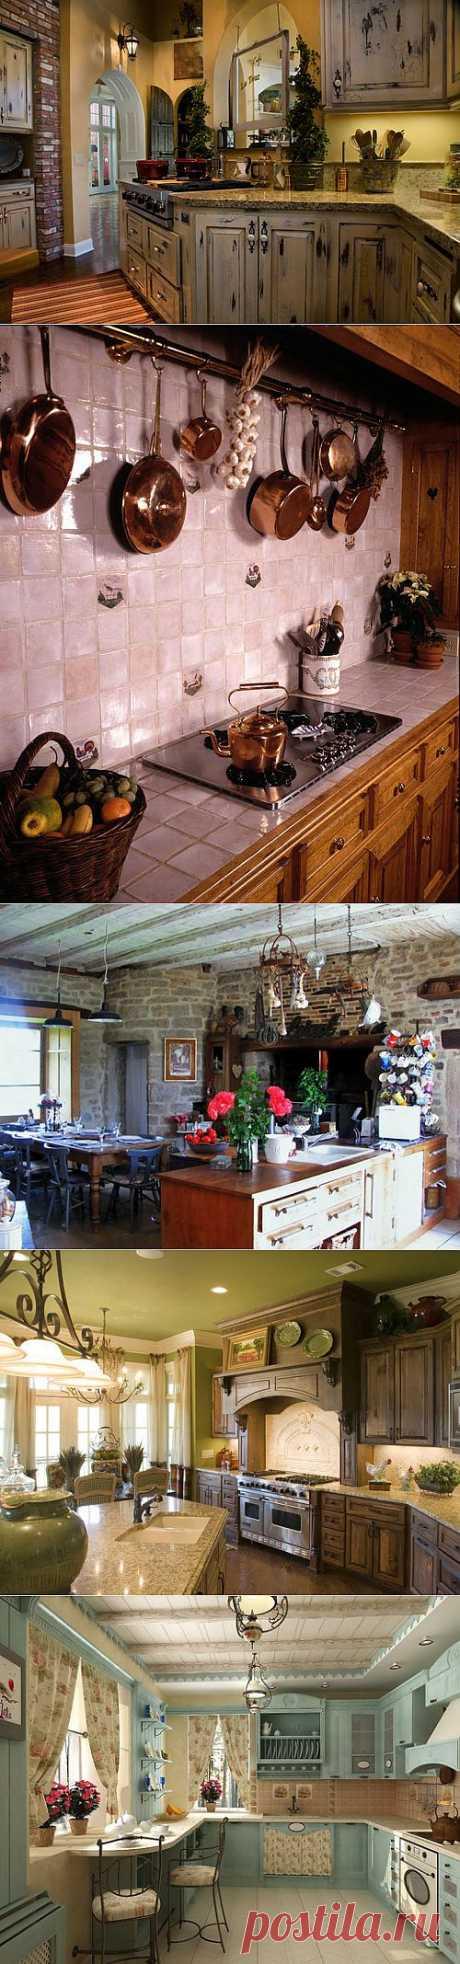 Французская кухня, handmade